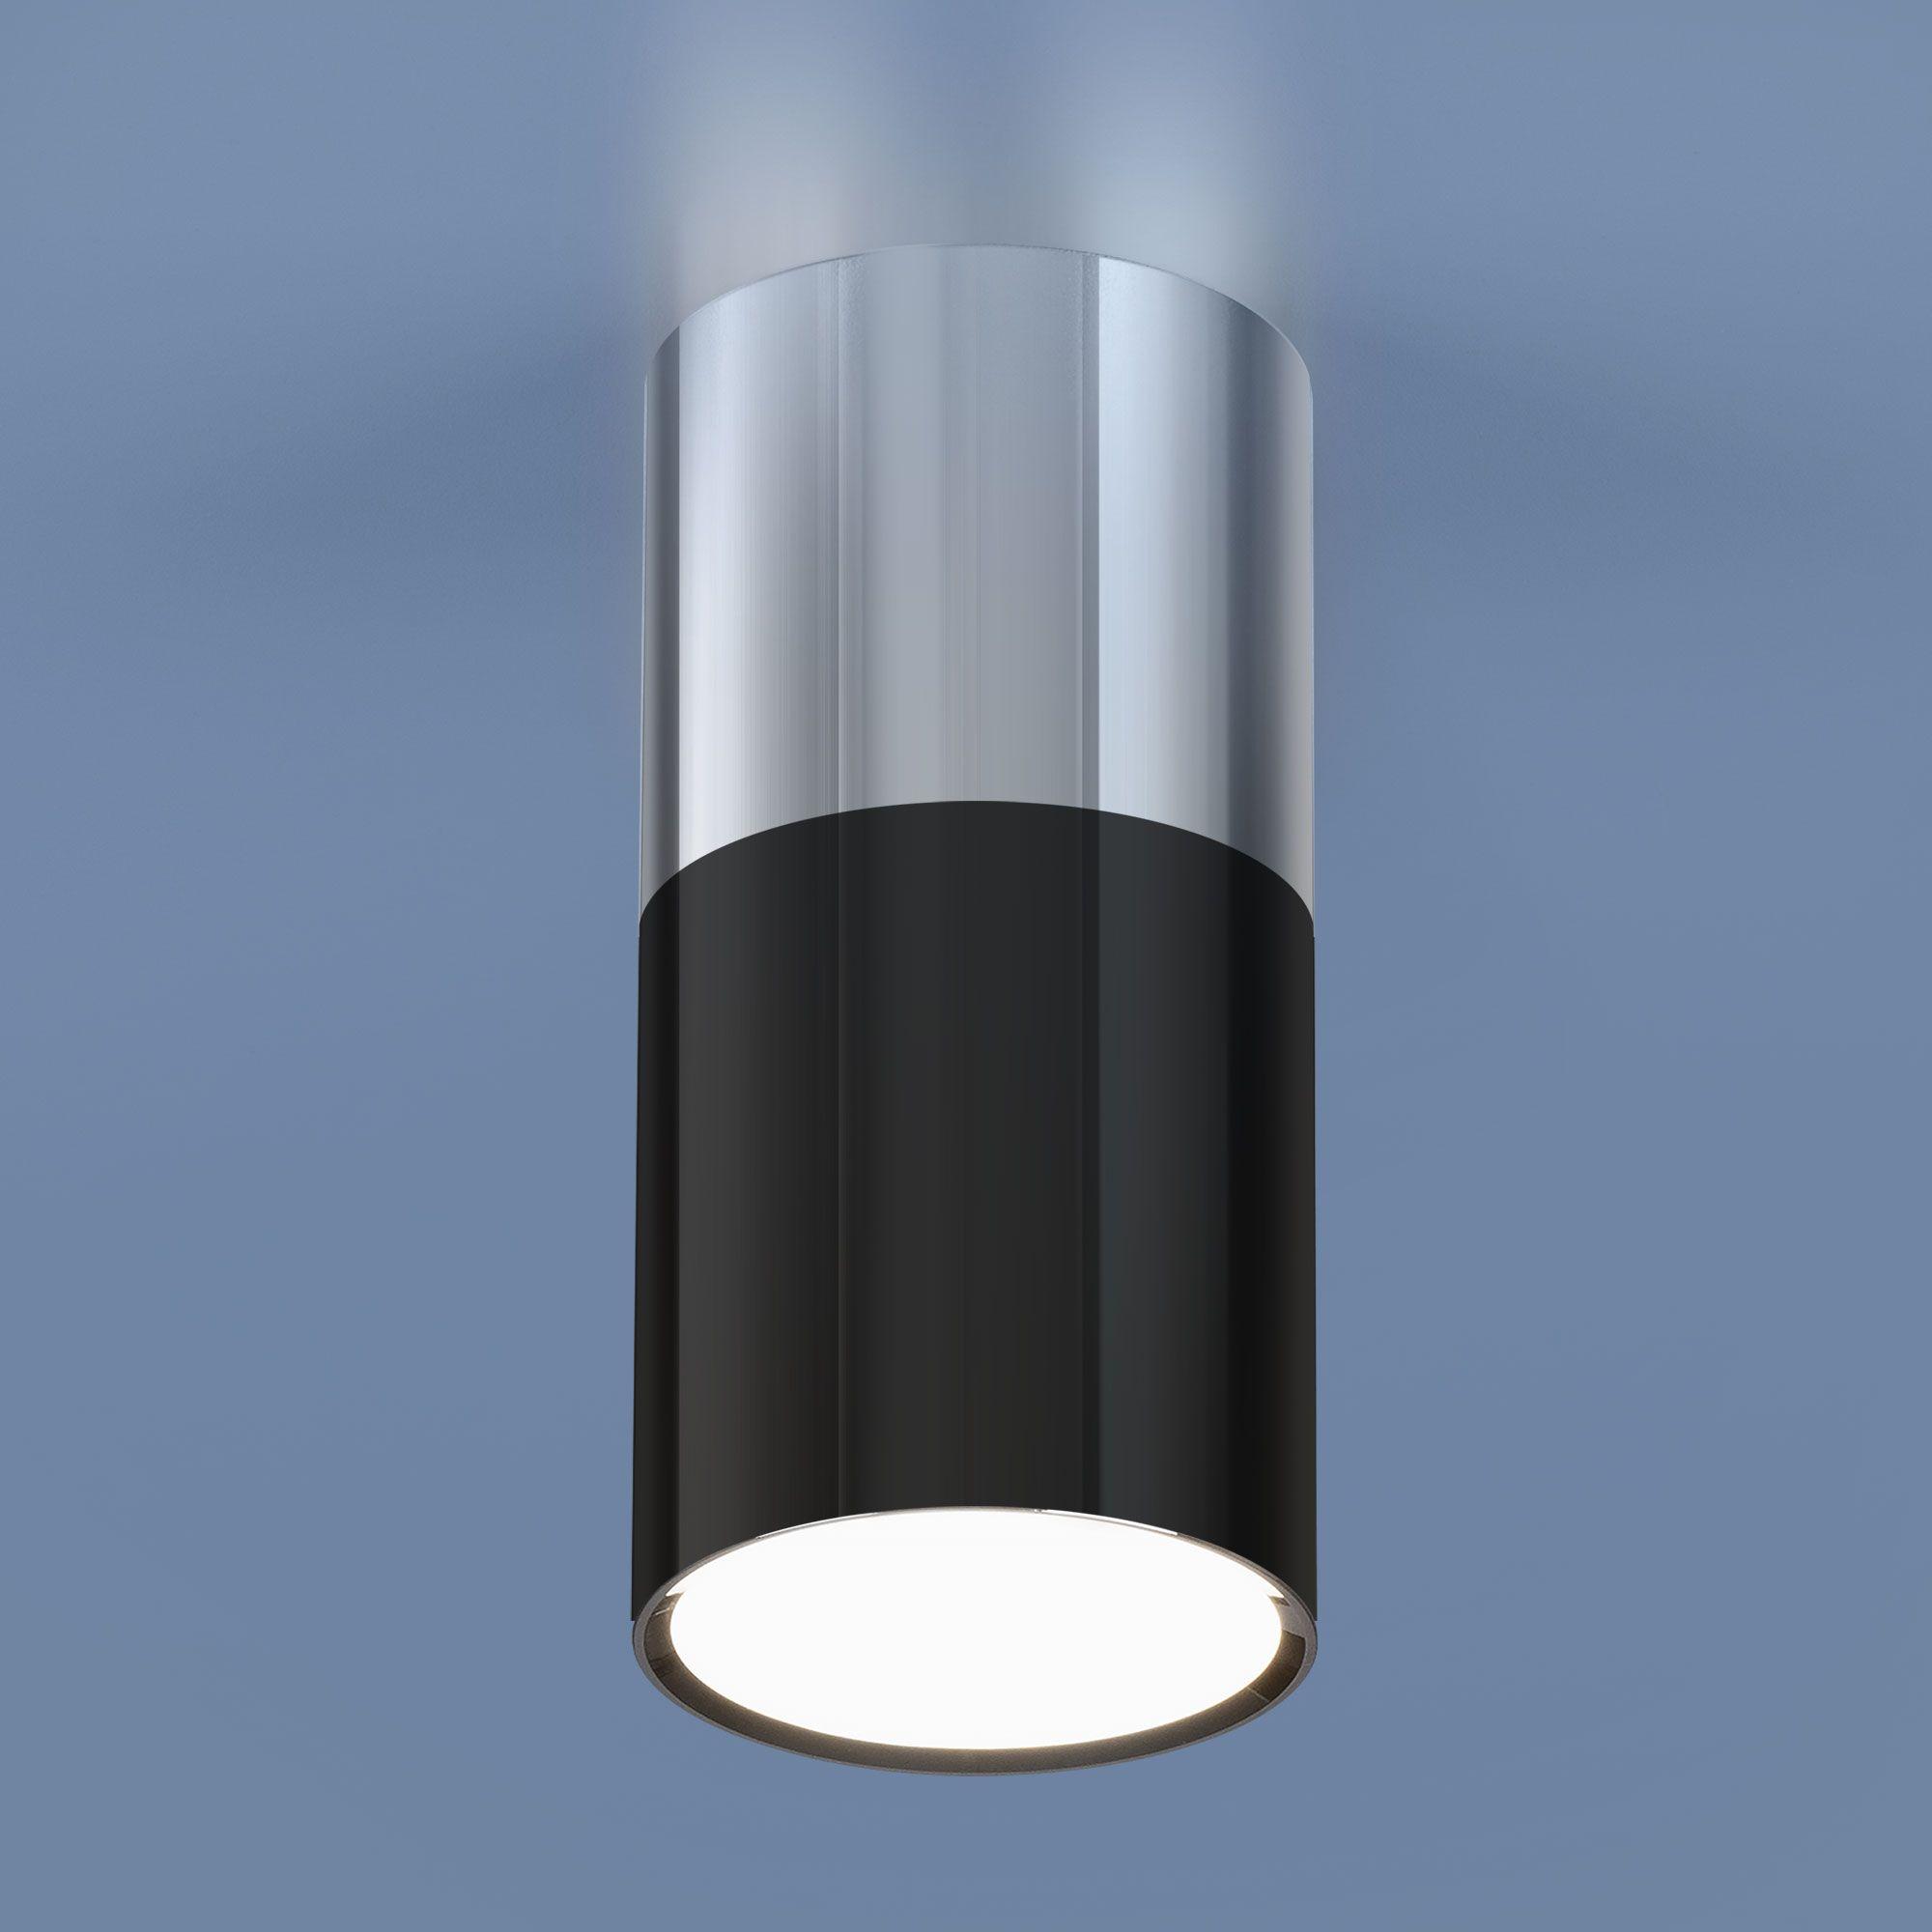 Накладной акцентный светодиодный светильник DLR028 6W 4200K хром/черный хром